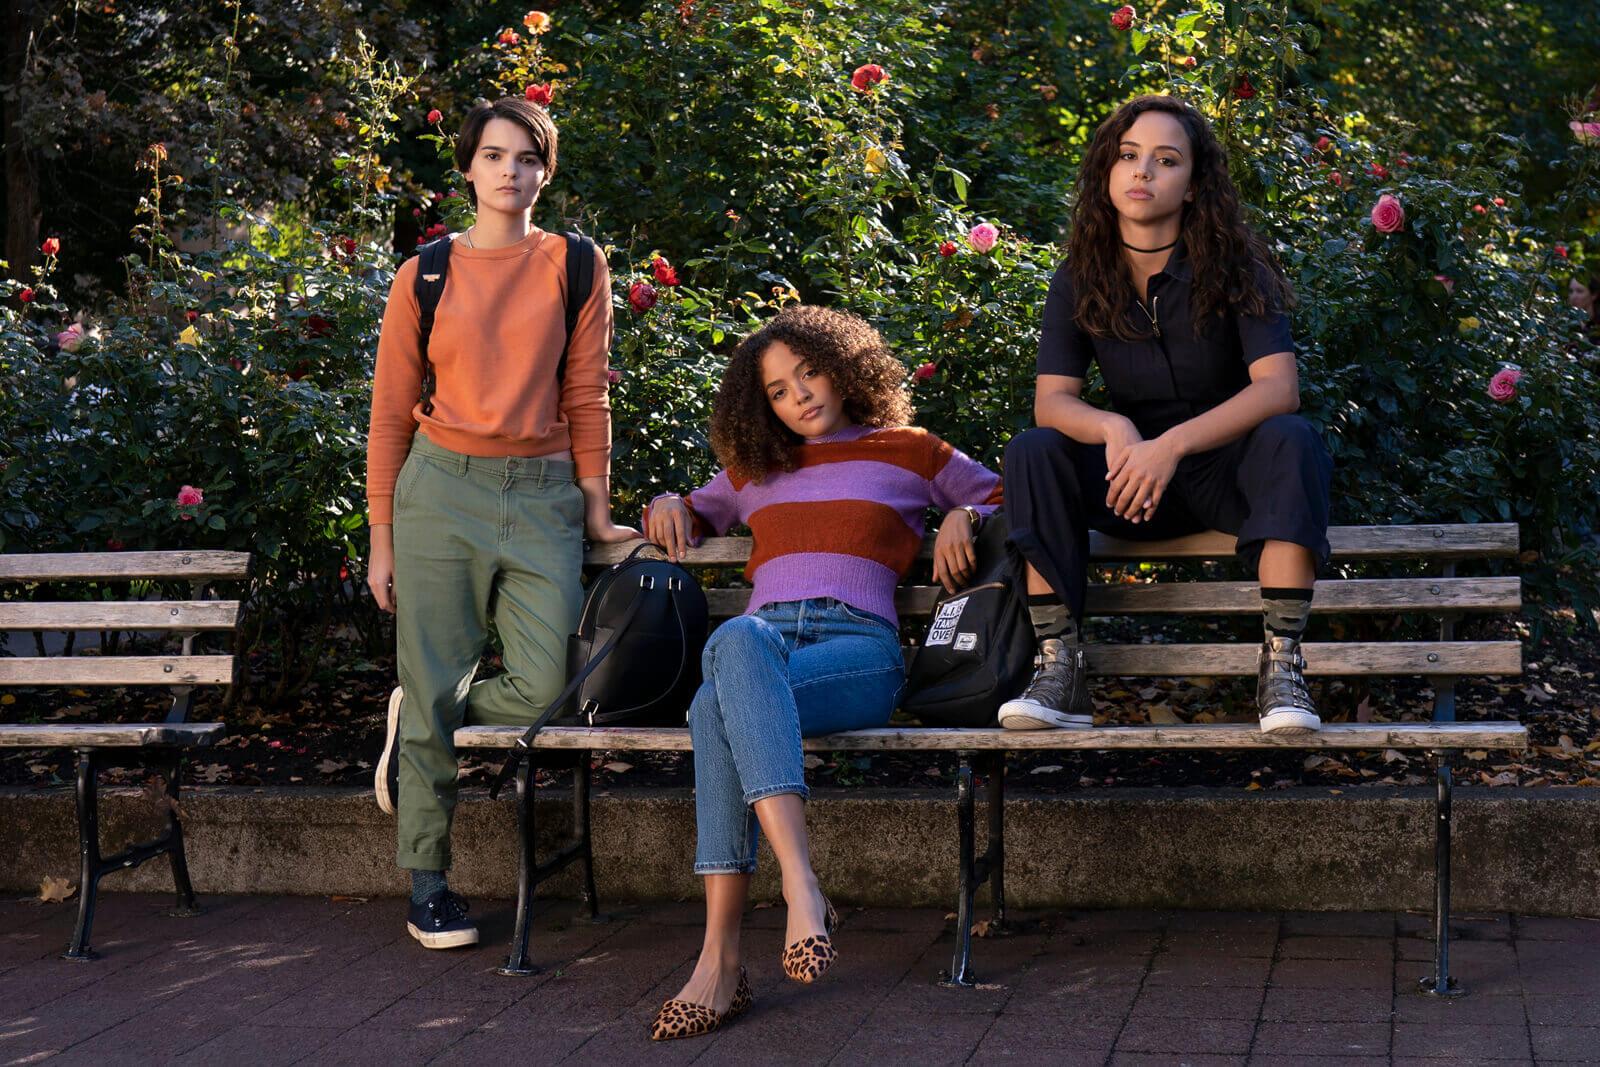 gatunas serie da netflix sobre adolescentes cleptomaniacas